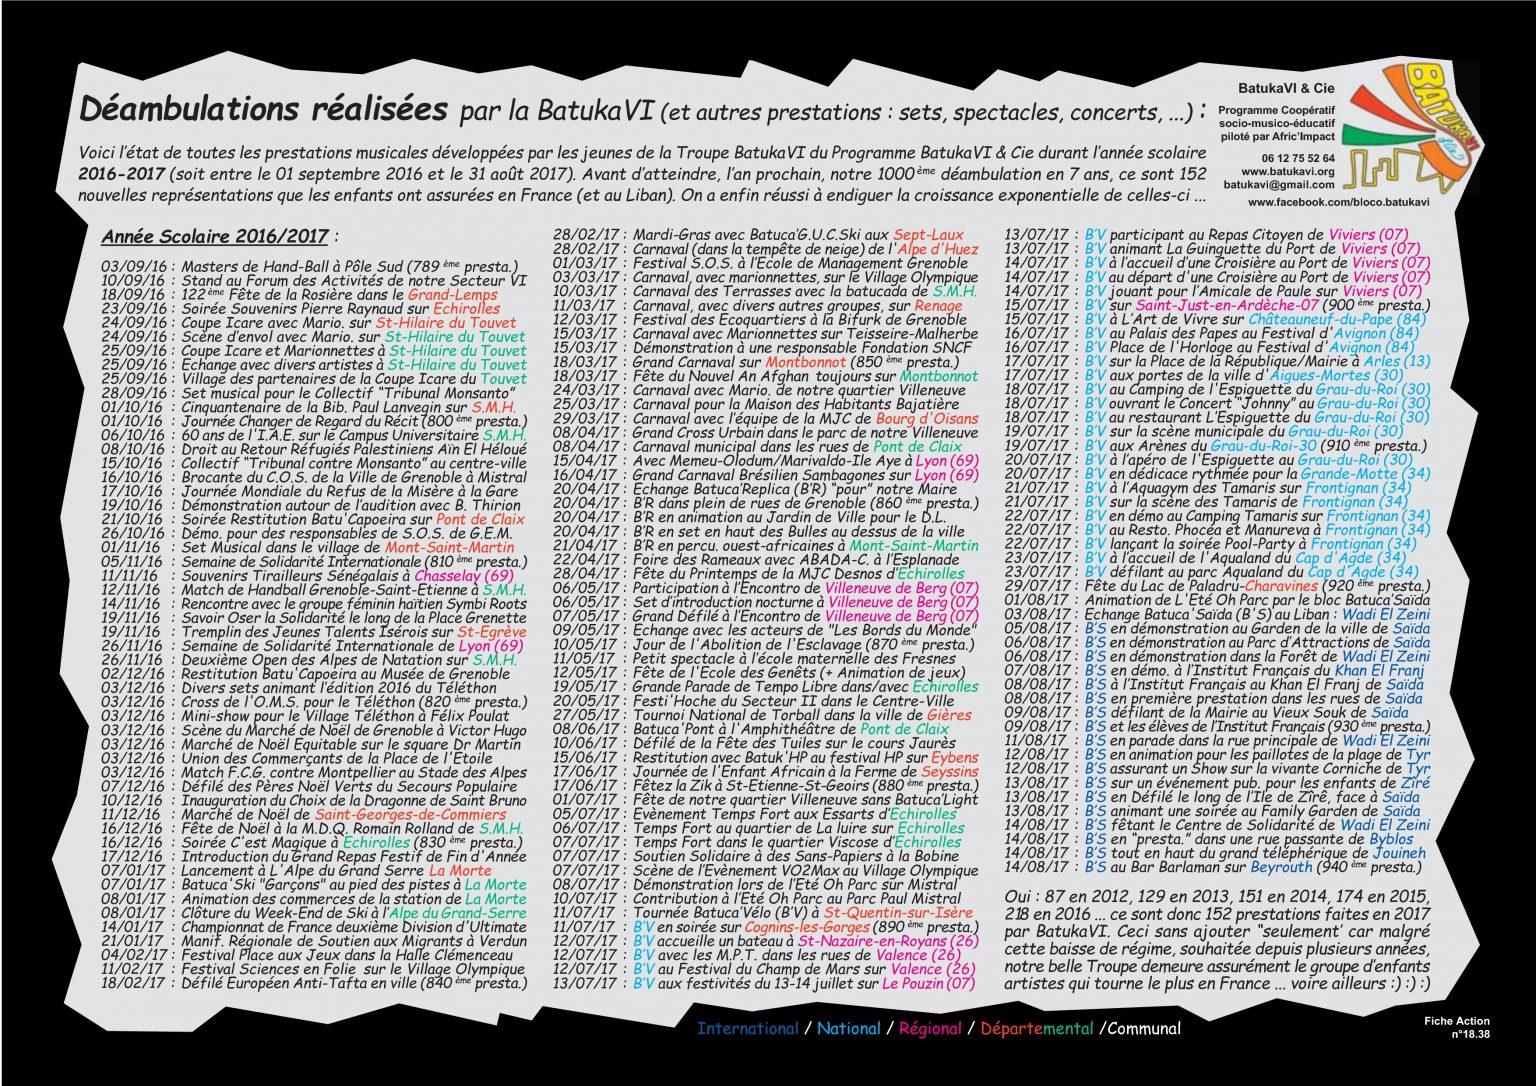 BatukaVI - F.A. 18.38 - Liste des Déambulations Réalisées 2016-2017